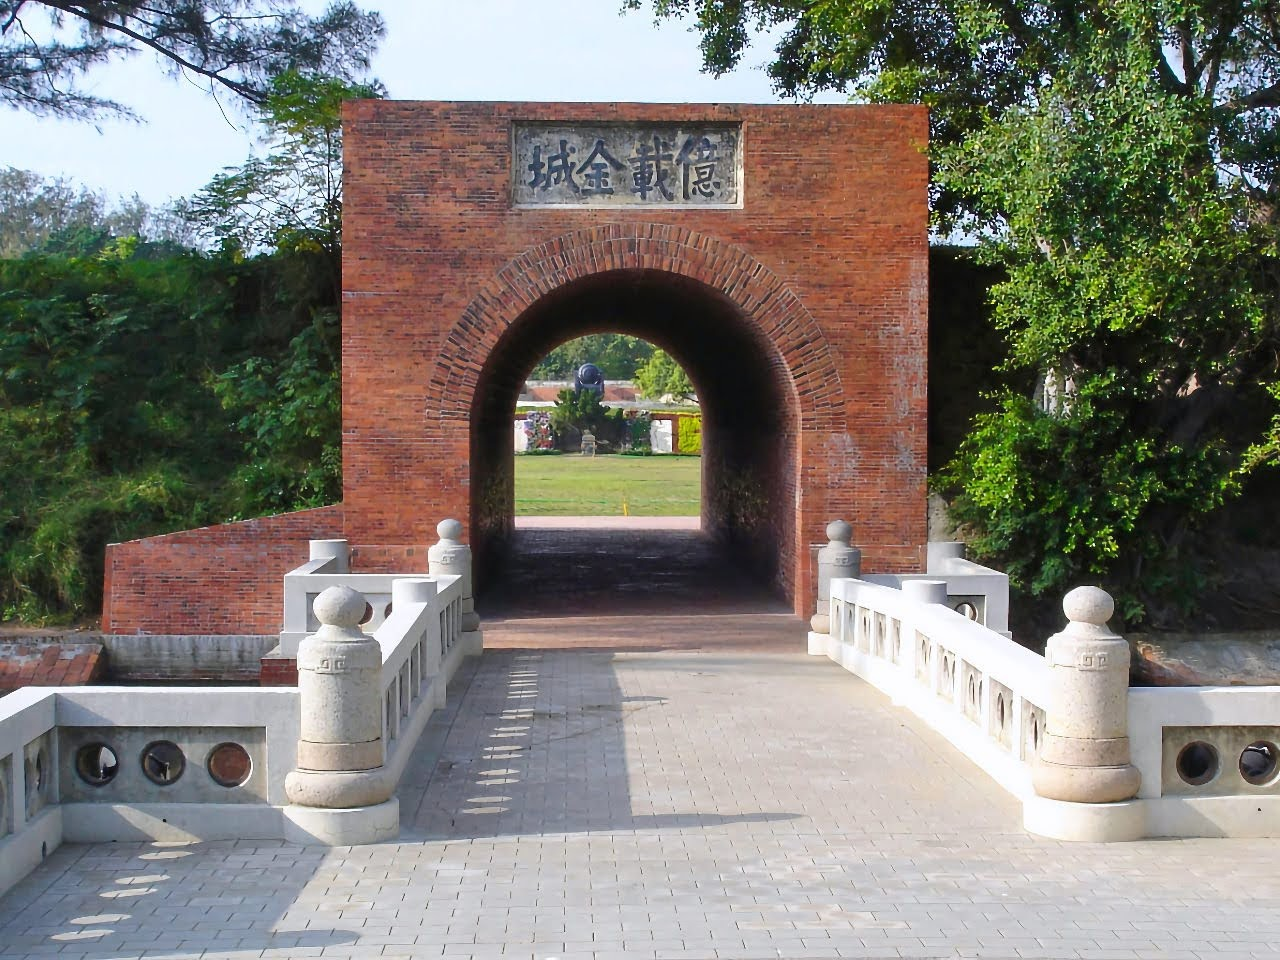 ㊗五一勞動節📣台南古蹟景點購票半價優待 活動